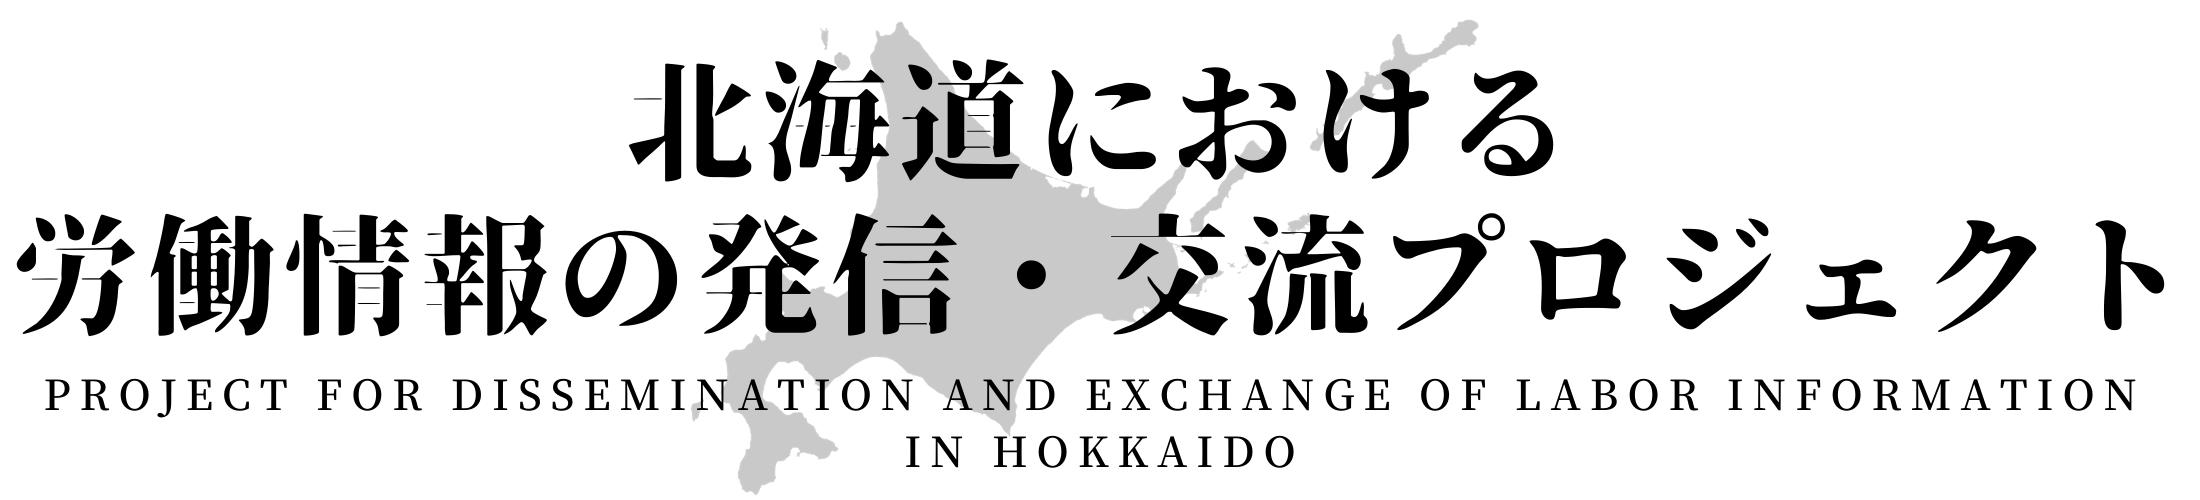 北海道における労働情報の発信・交流プロジェクト